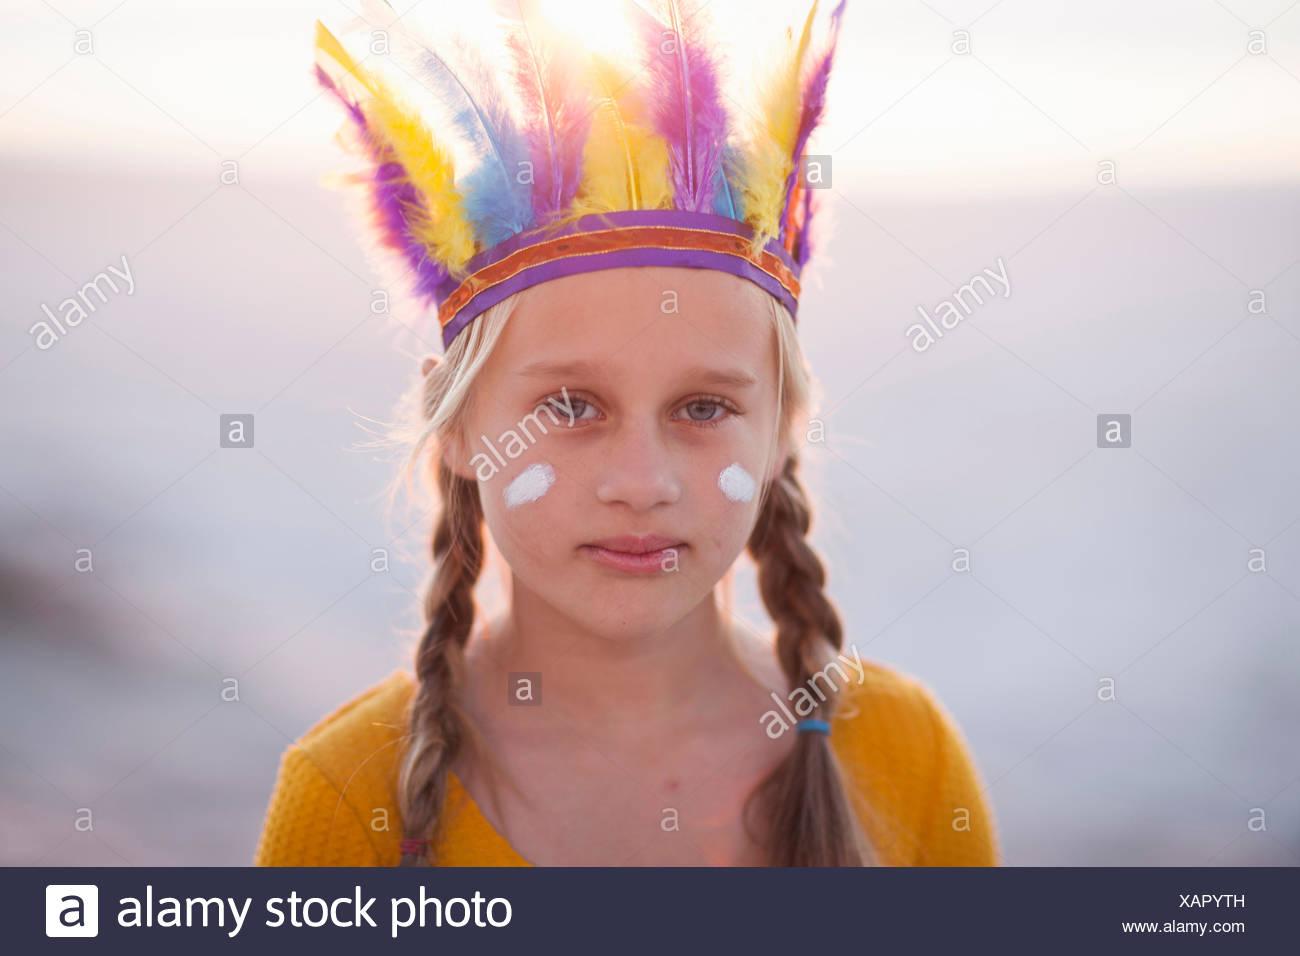 Porträt von Mädchen verkleidet als Indianer mit Feder Kopfschmuck Stockbild